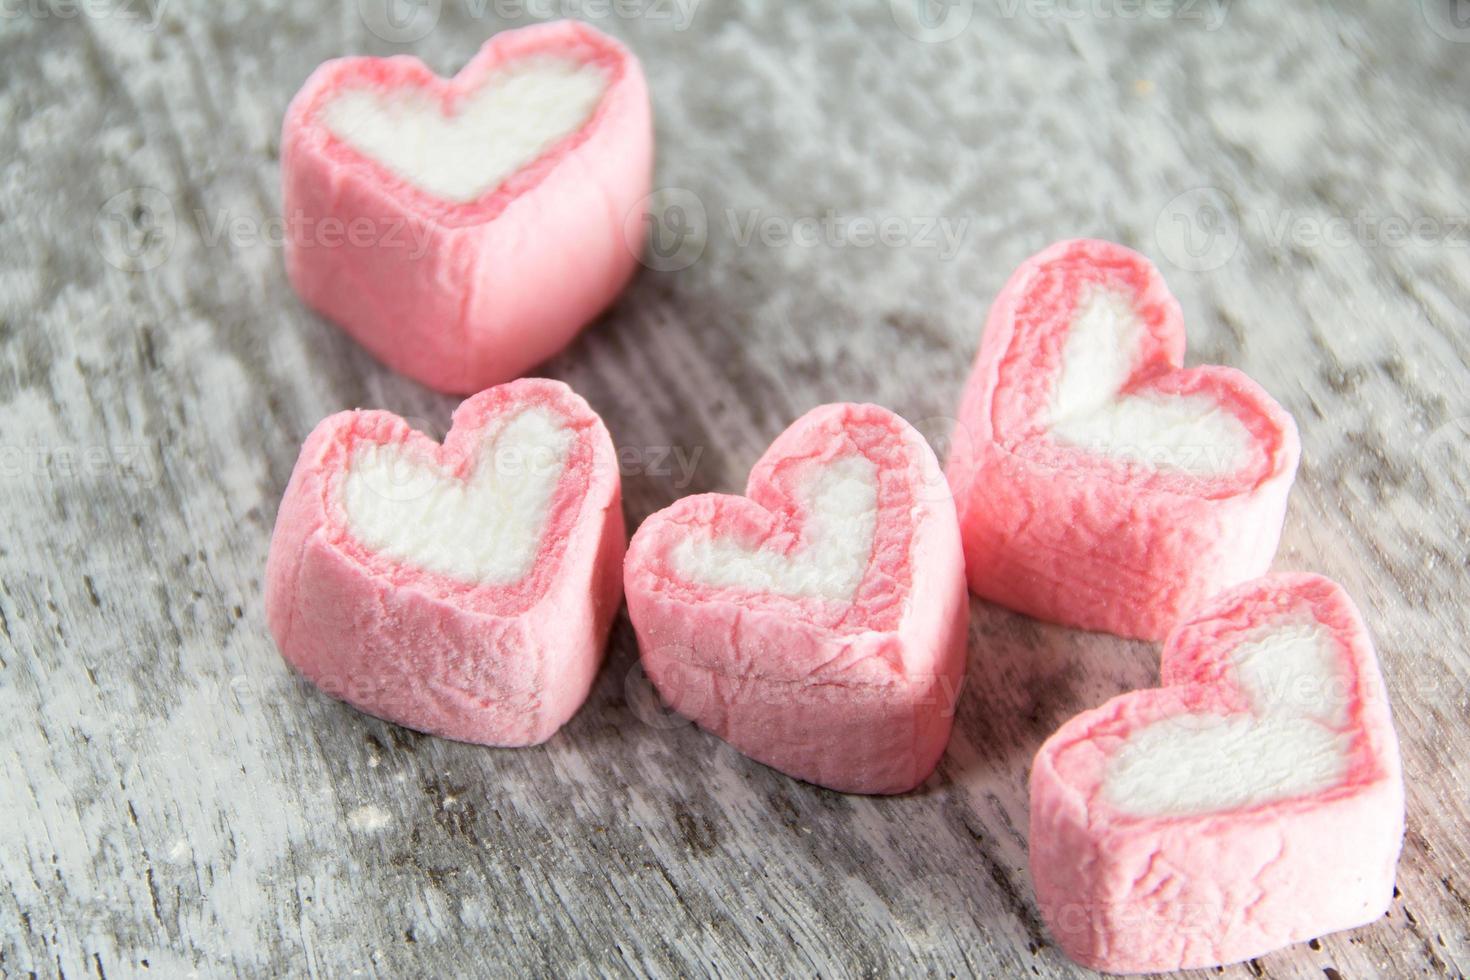 amor de marshmallows em madeira branca foto